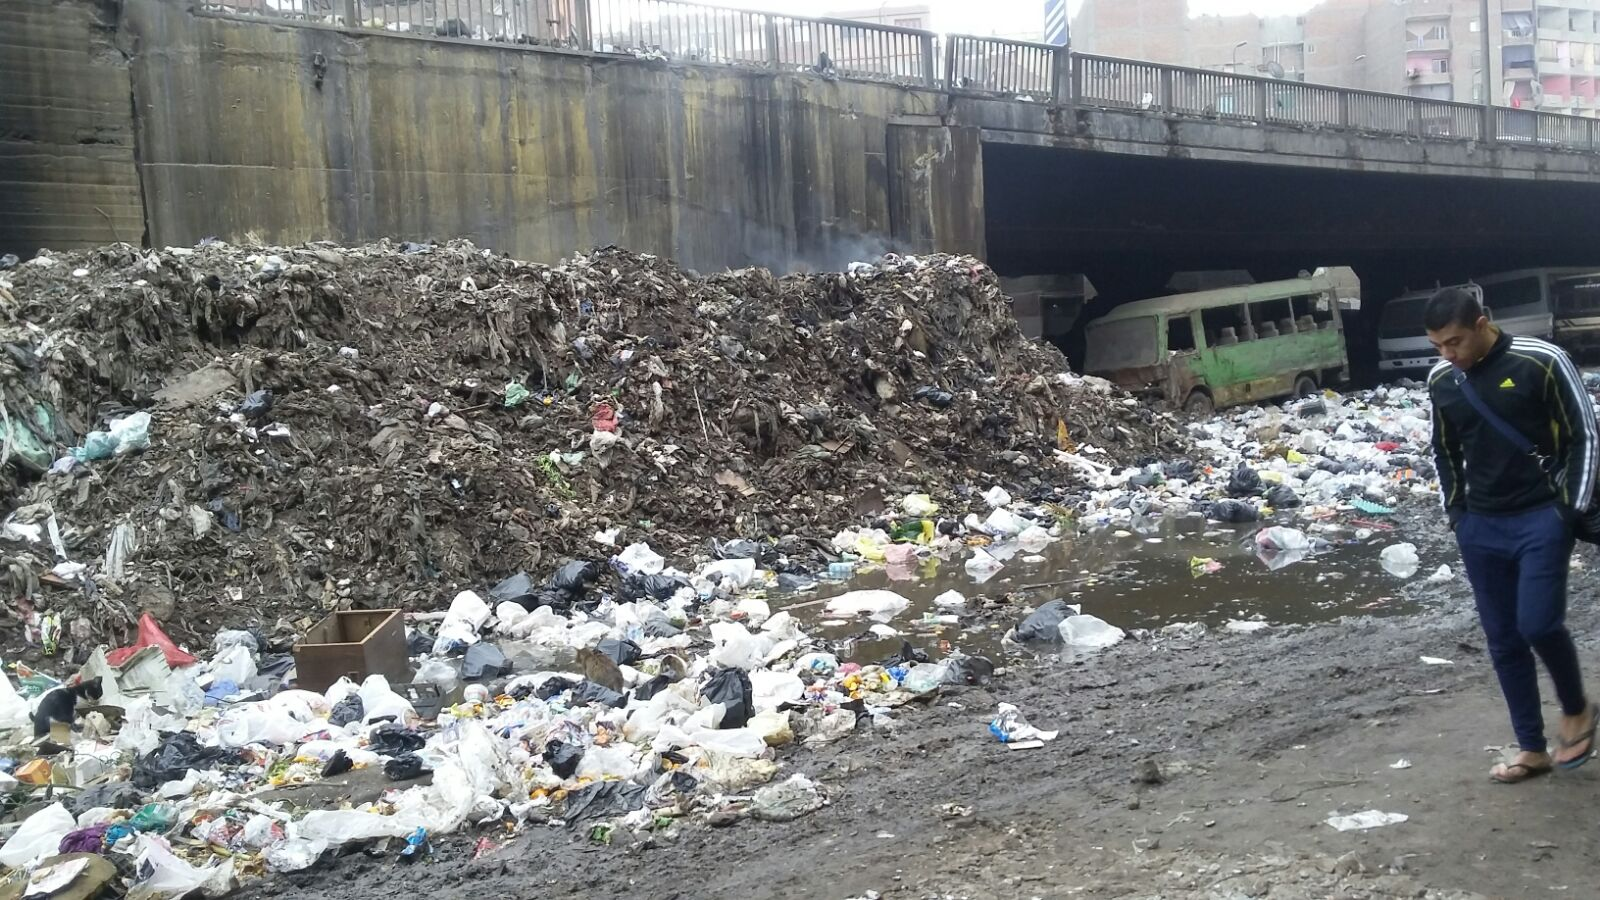 سلالم «الدائري» تذخر بتجمعات القمامة والمخلفات دون رفعها